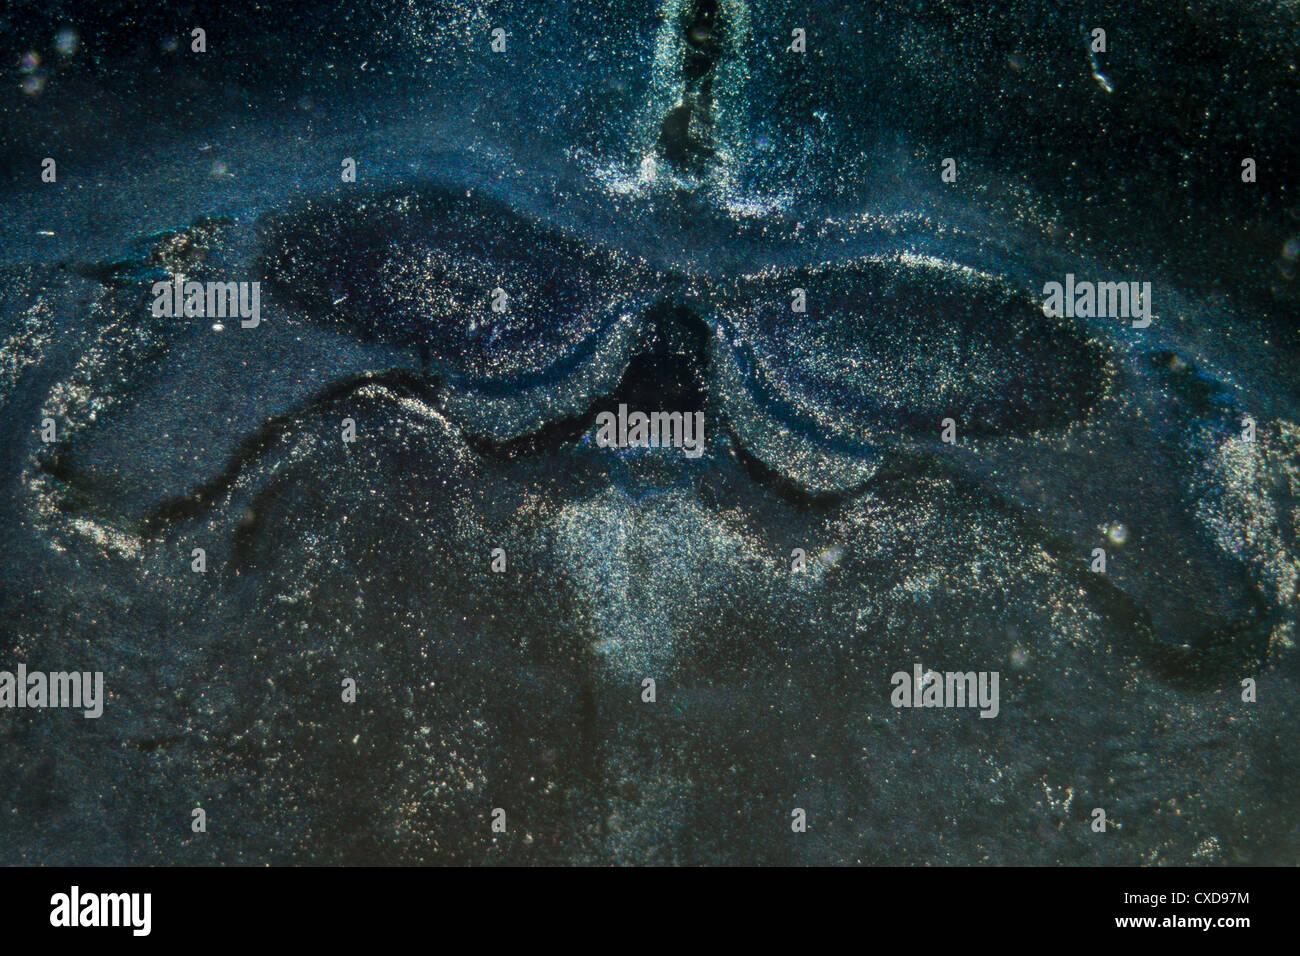 Las neuronas del hipocampo de cerebro de rata de microscopía Imagen De Stock